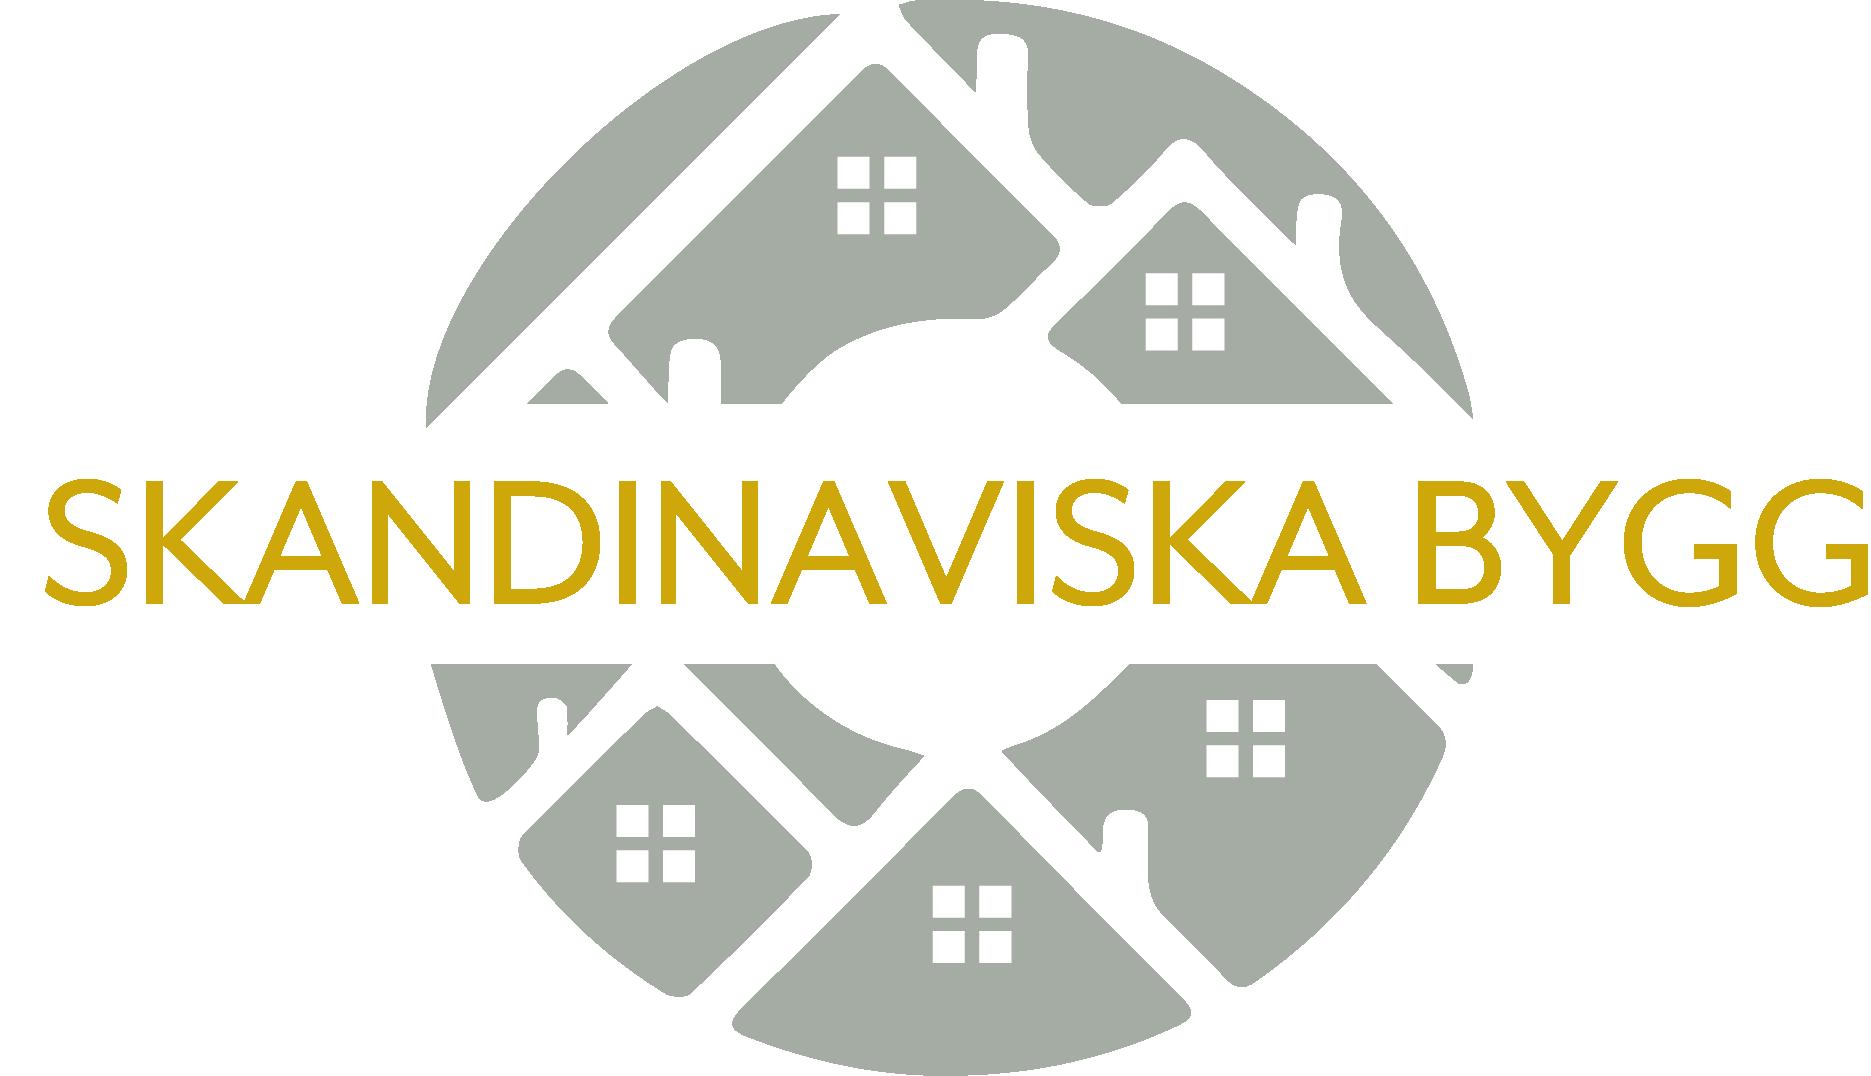 Skandinaviska Bygg & Byggkoncept AB